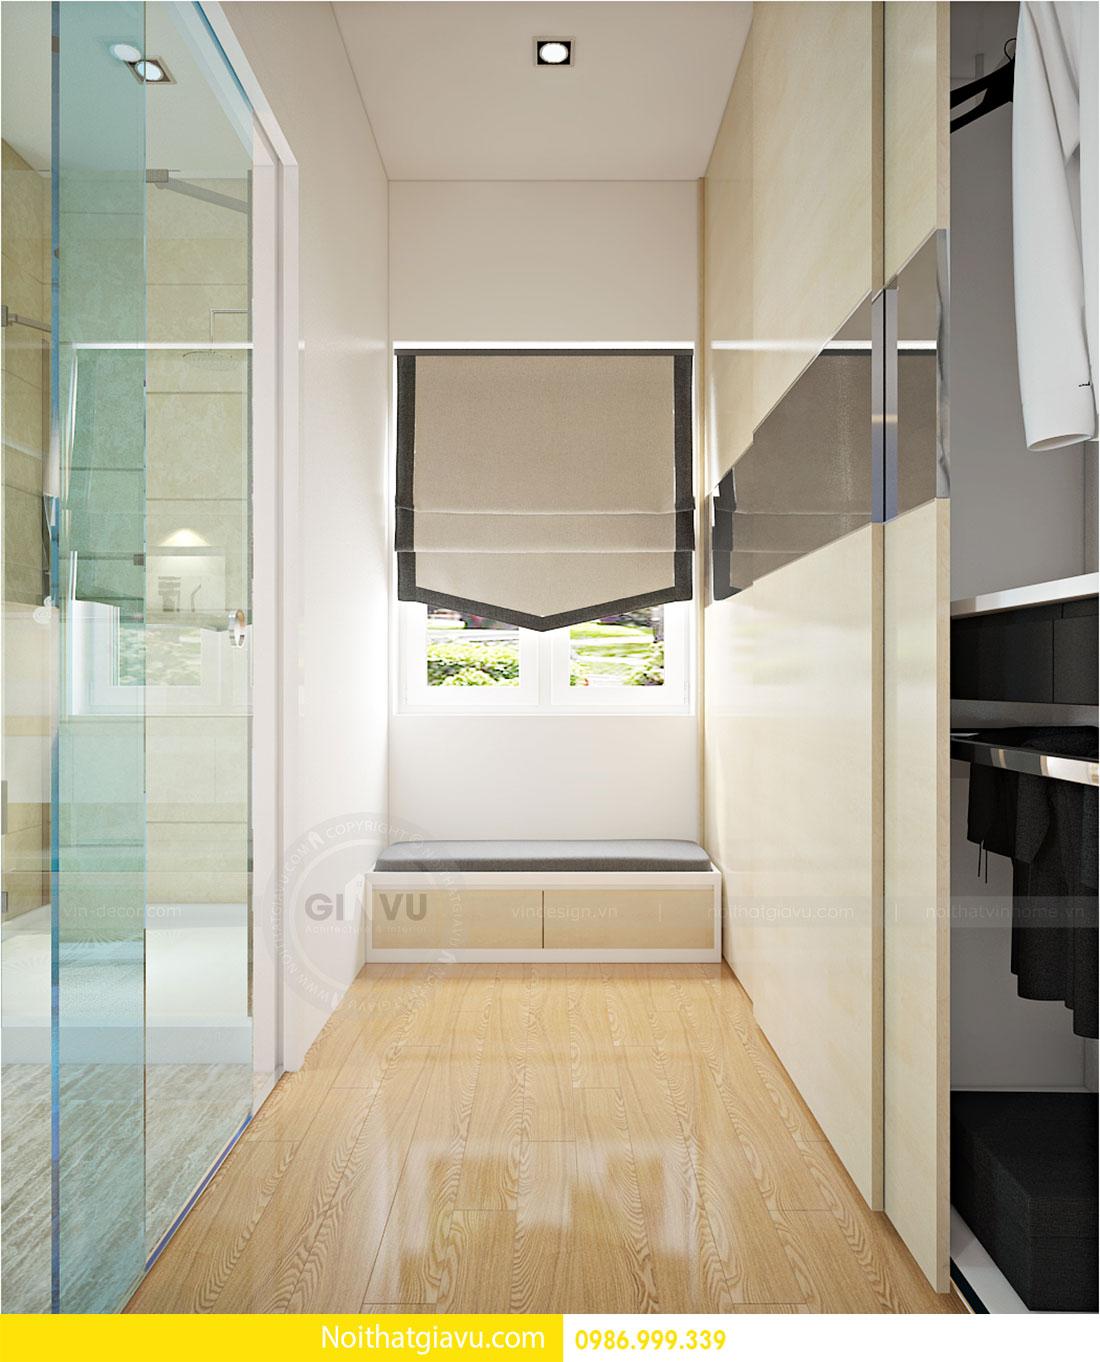 Thiết kế nội thất biệt thự Vinhomes Green Bay Mễ Trì 10